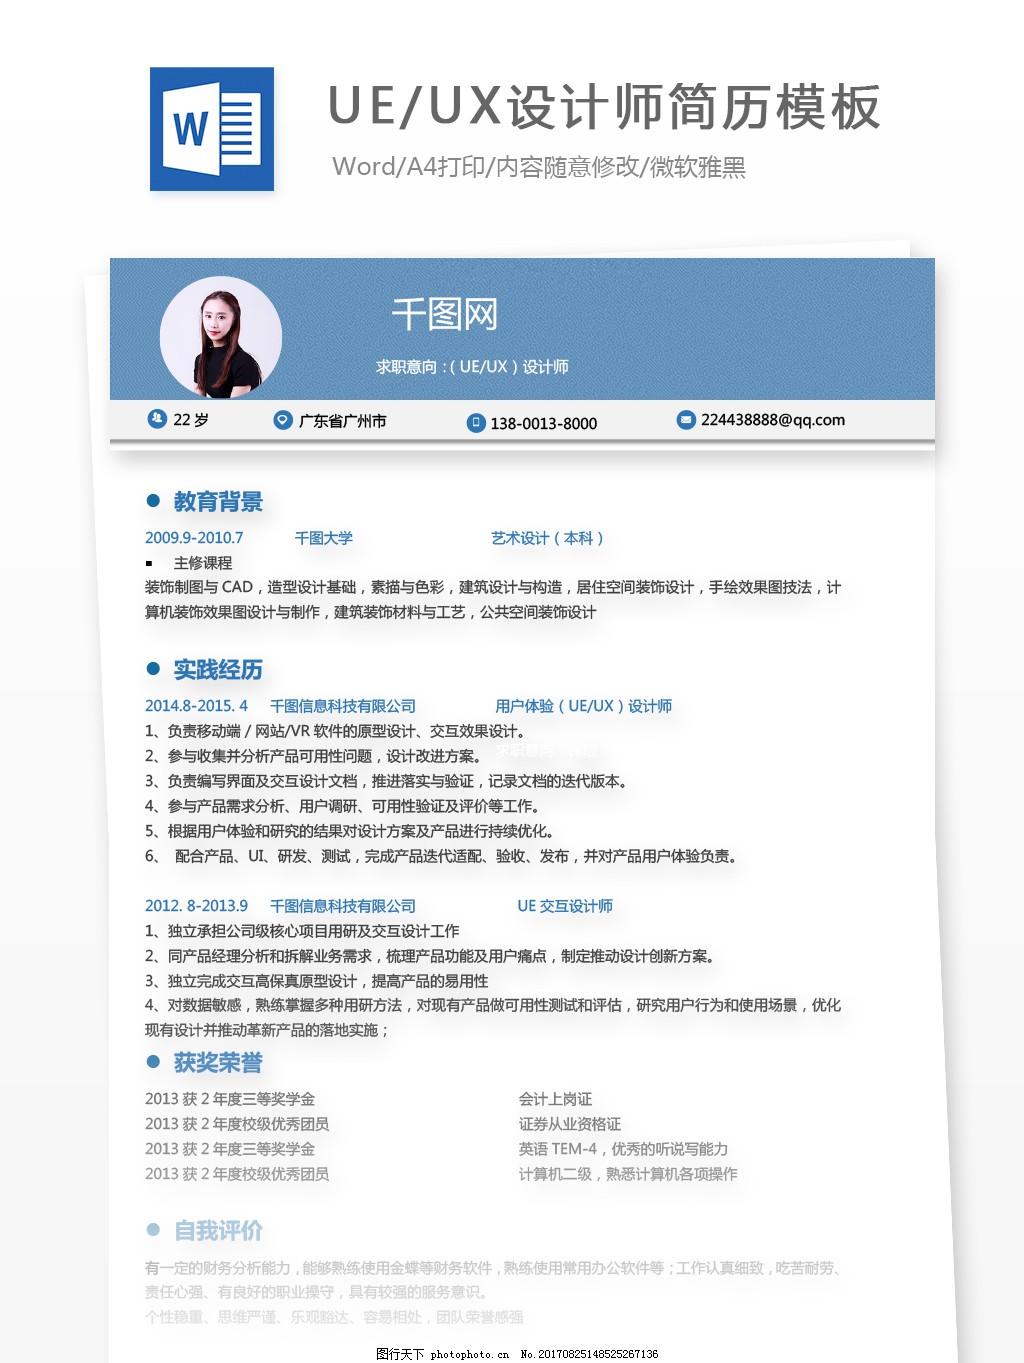 ue\ux设计师求职简历(含自我介绍)四川安信建筑设计图片